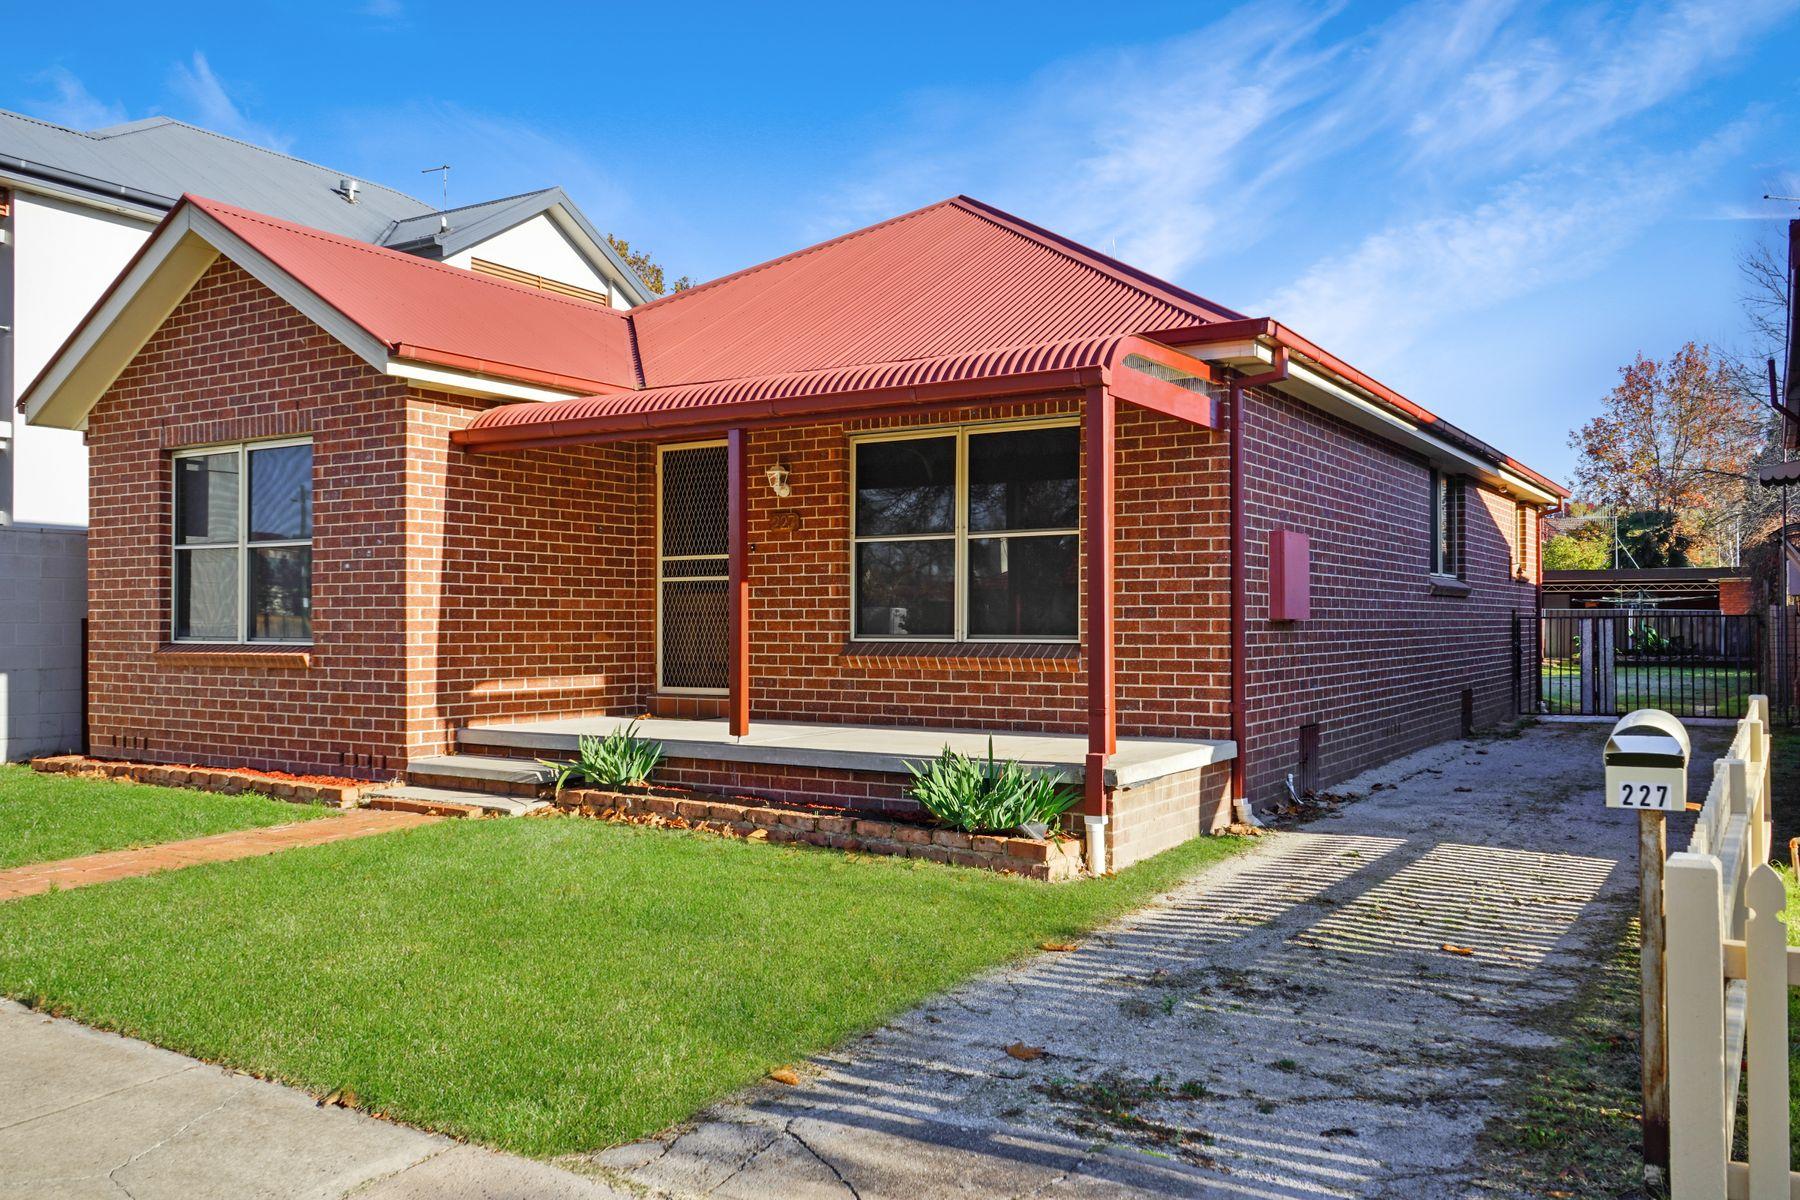 227  Rankin Street, Bathurst, NSW 2795